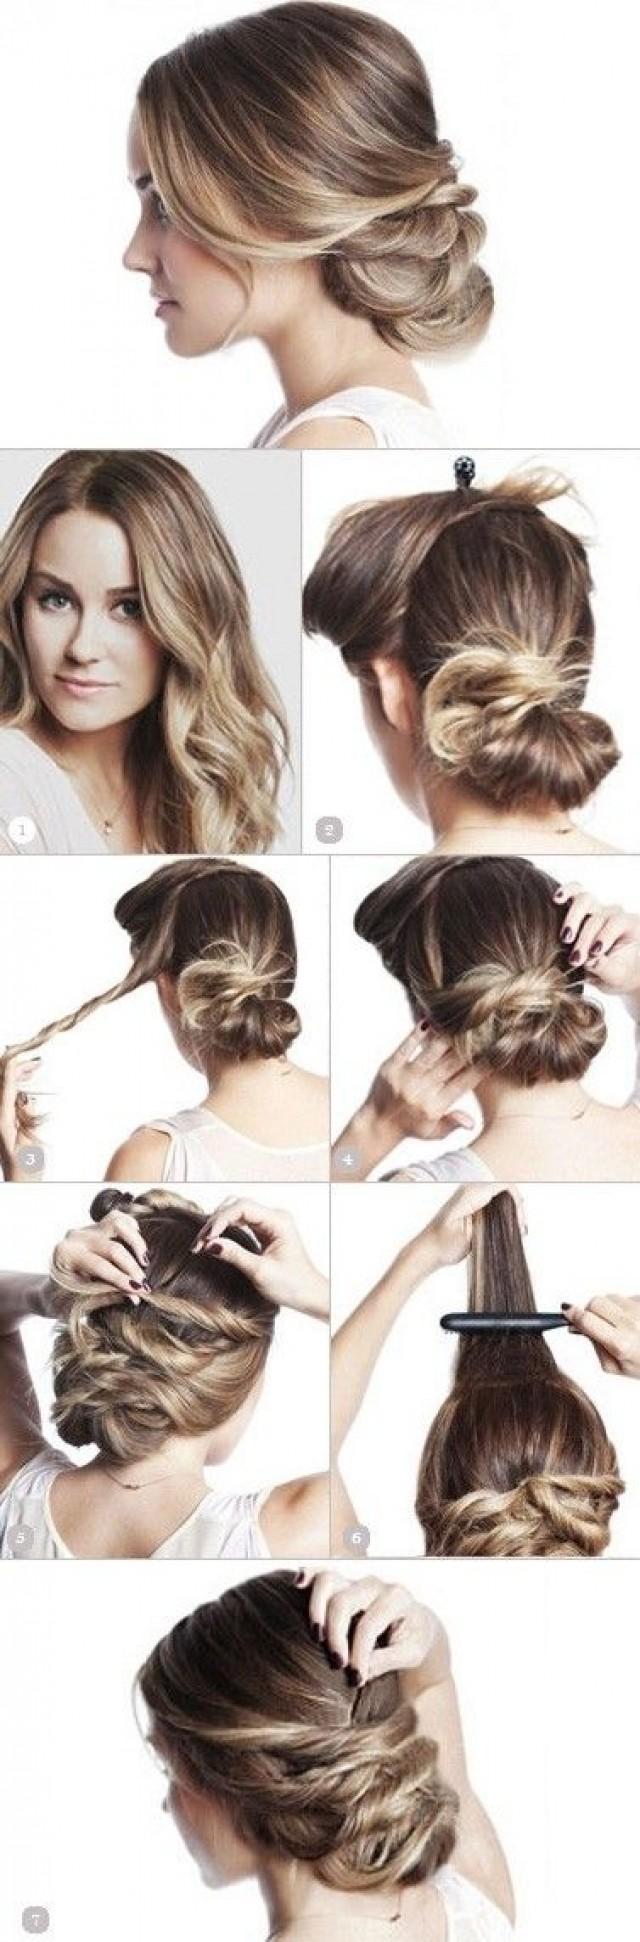 Простые прически для девушки на средние волосы фото